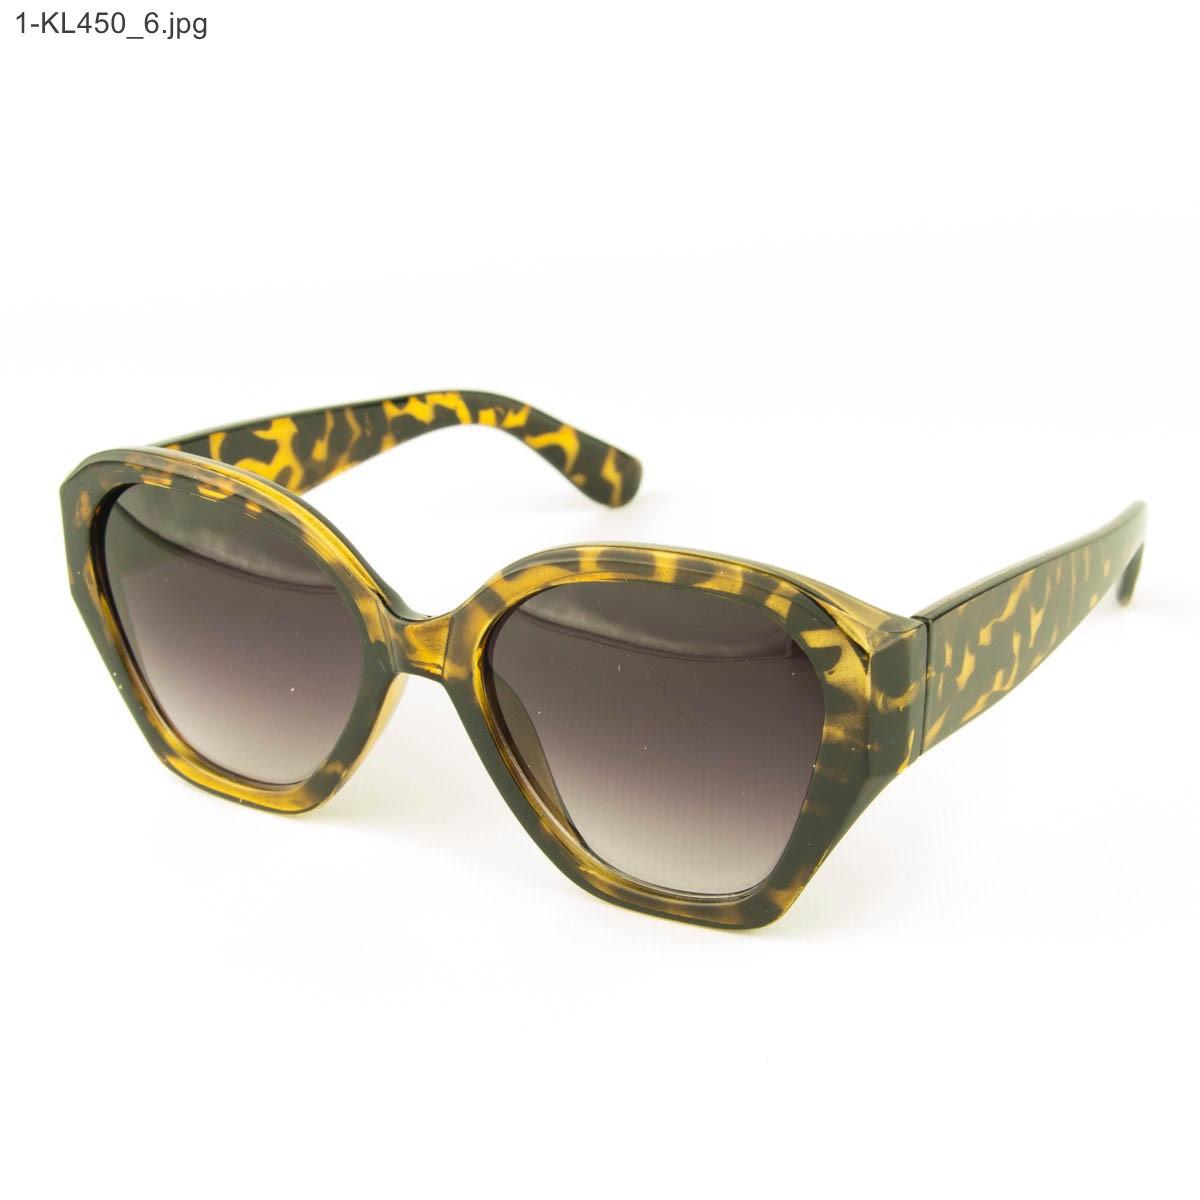 Оптом стильные женские солнцезащитные очки - Леопардовые - 1-КL450